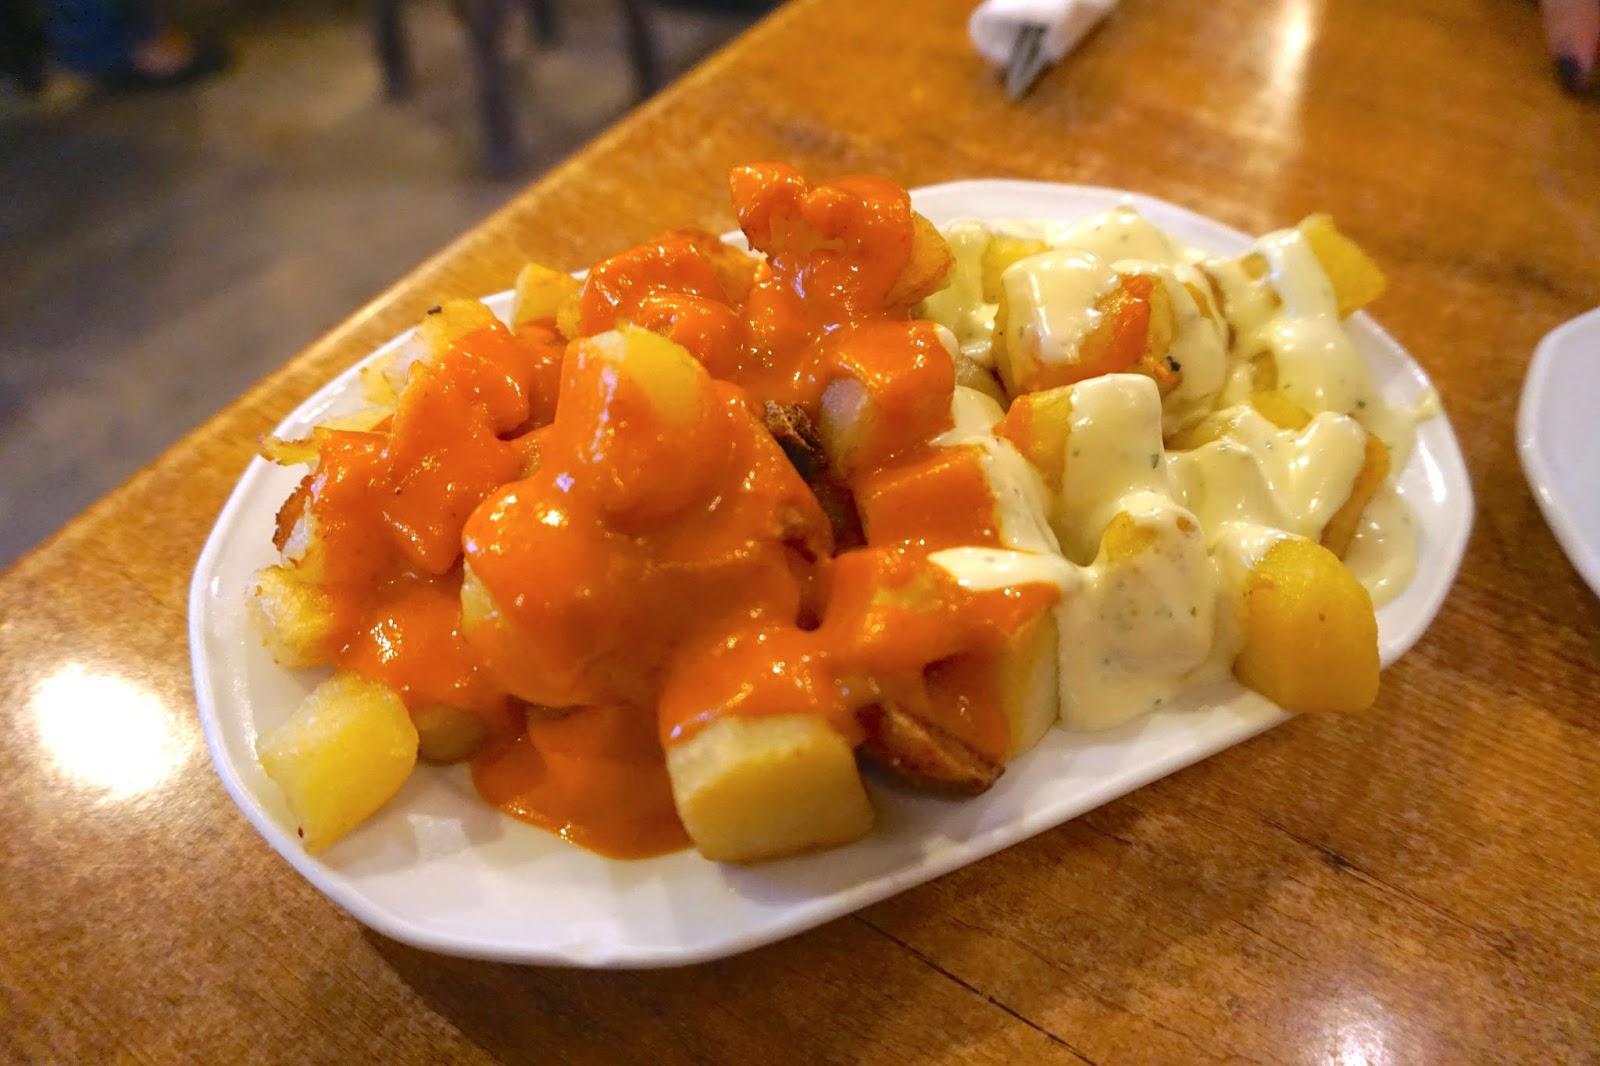 Patatas Bravas at a tapas restaurant with patatas bravas sauce and mayo